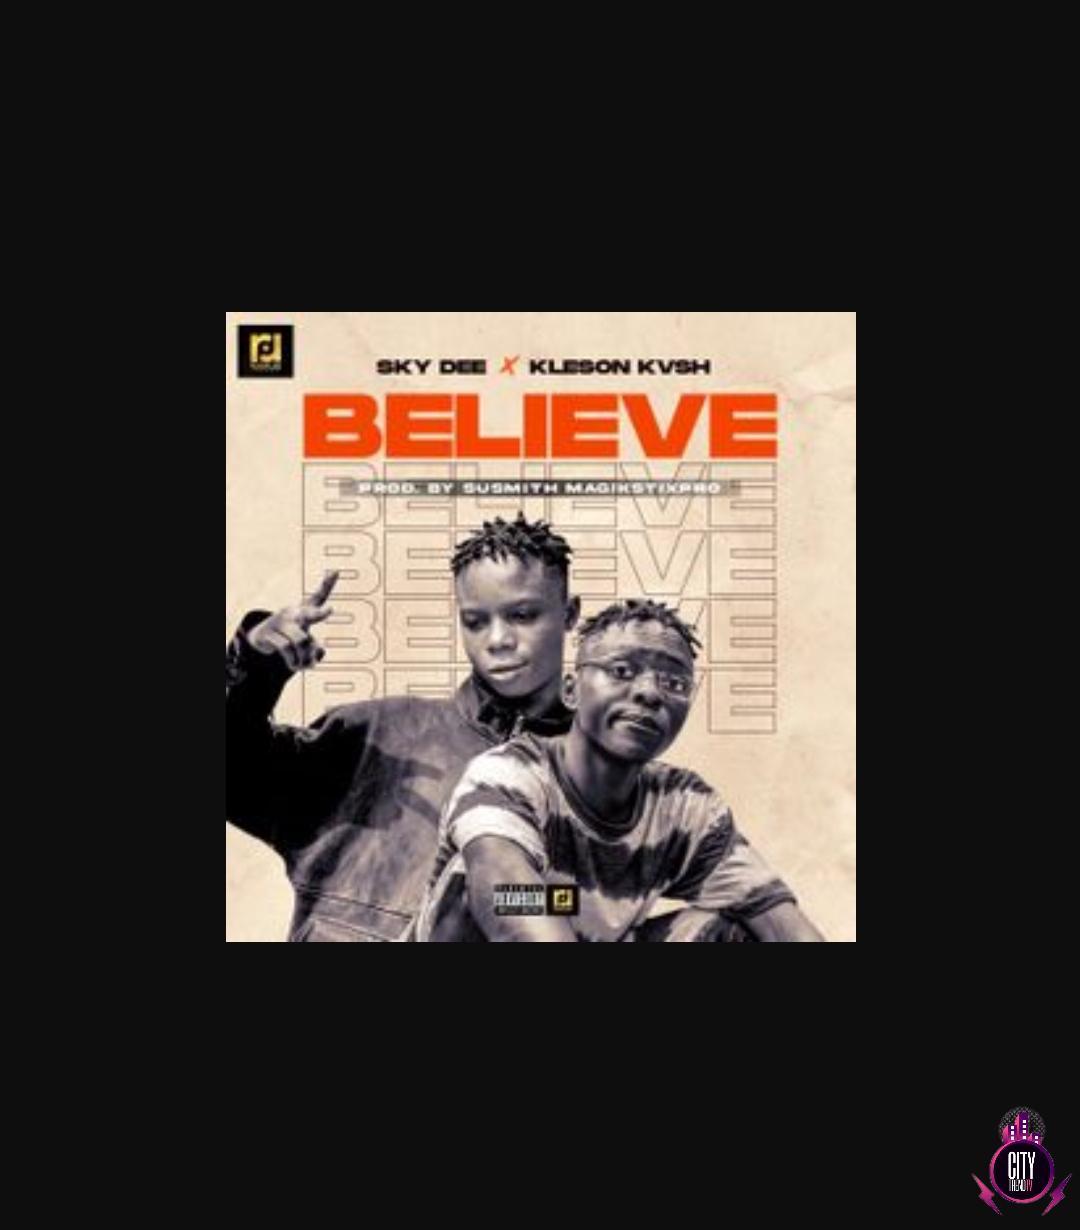 Skye Dee — Believe ft. Kleson kvsh